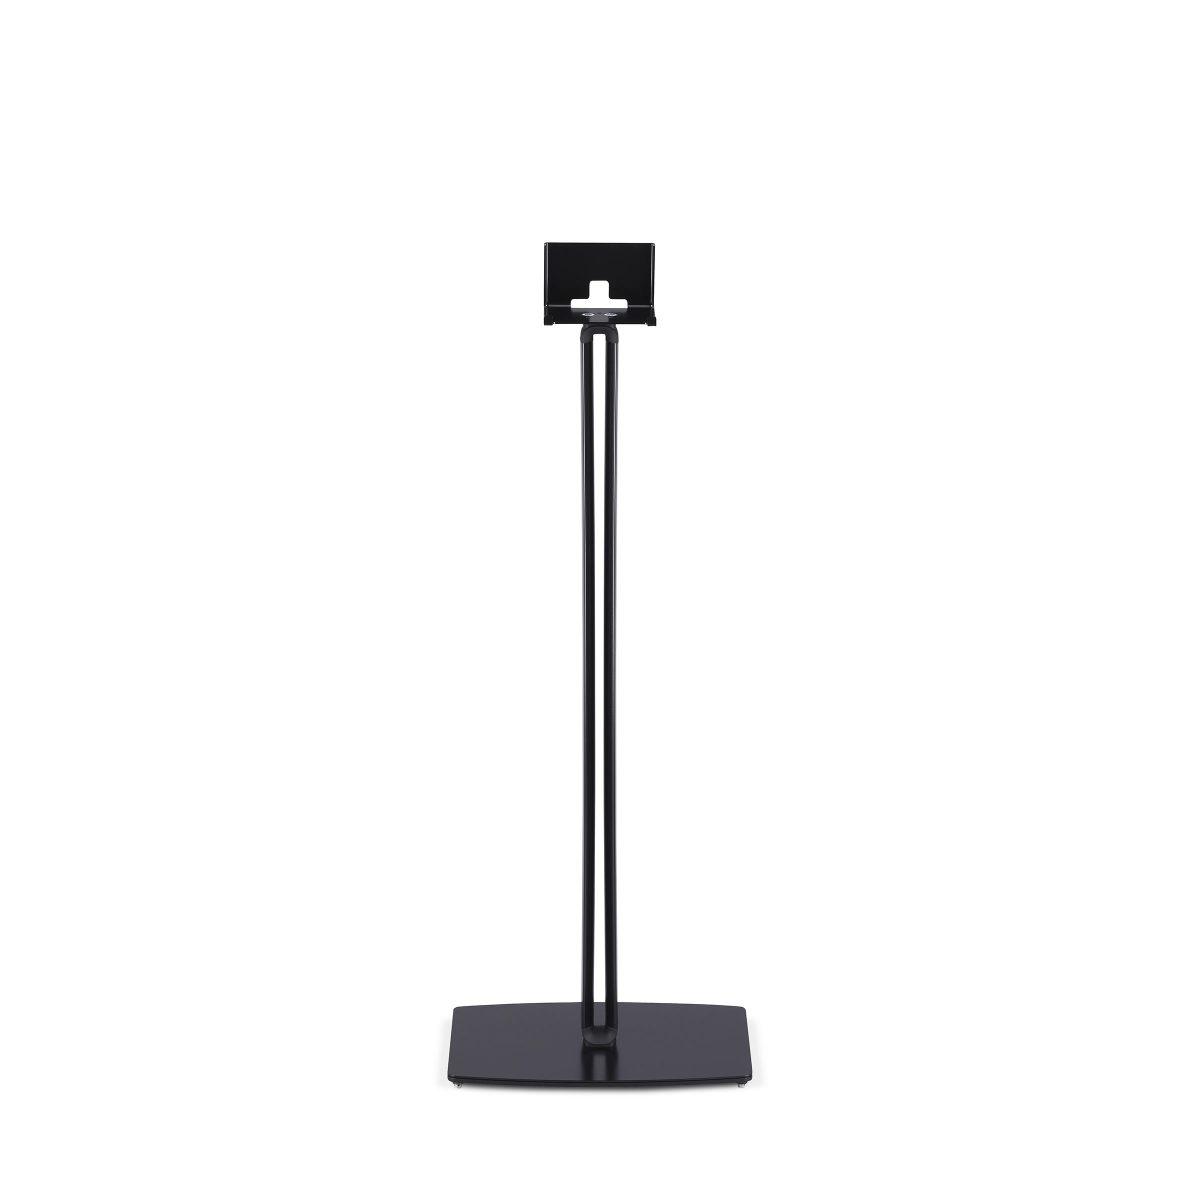 Bose SoundTouch 10 standaard zwart 7